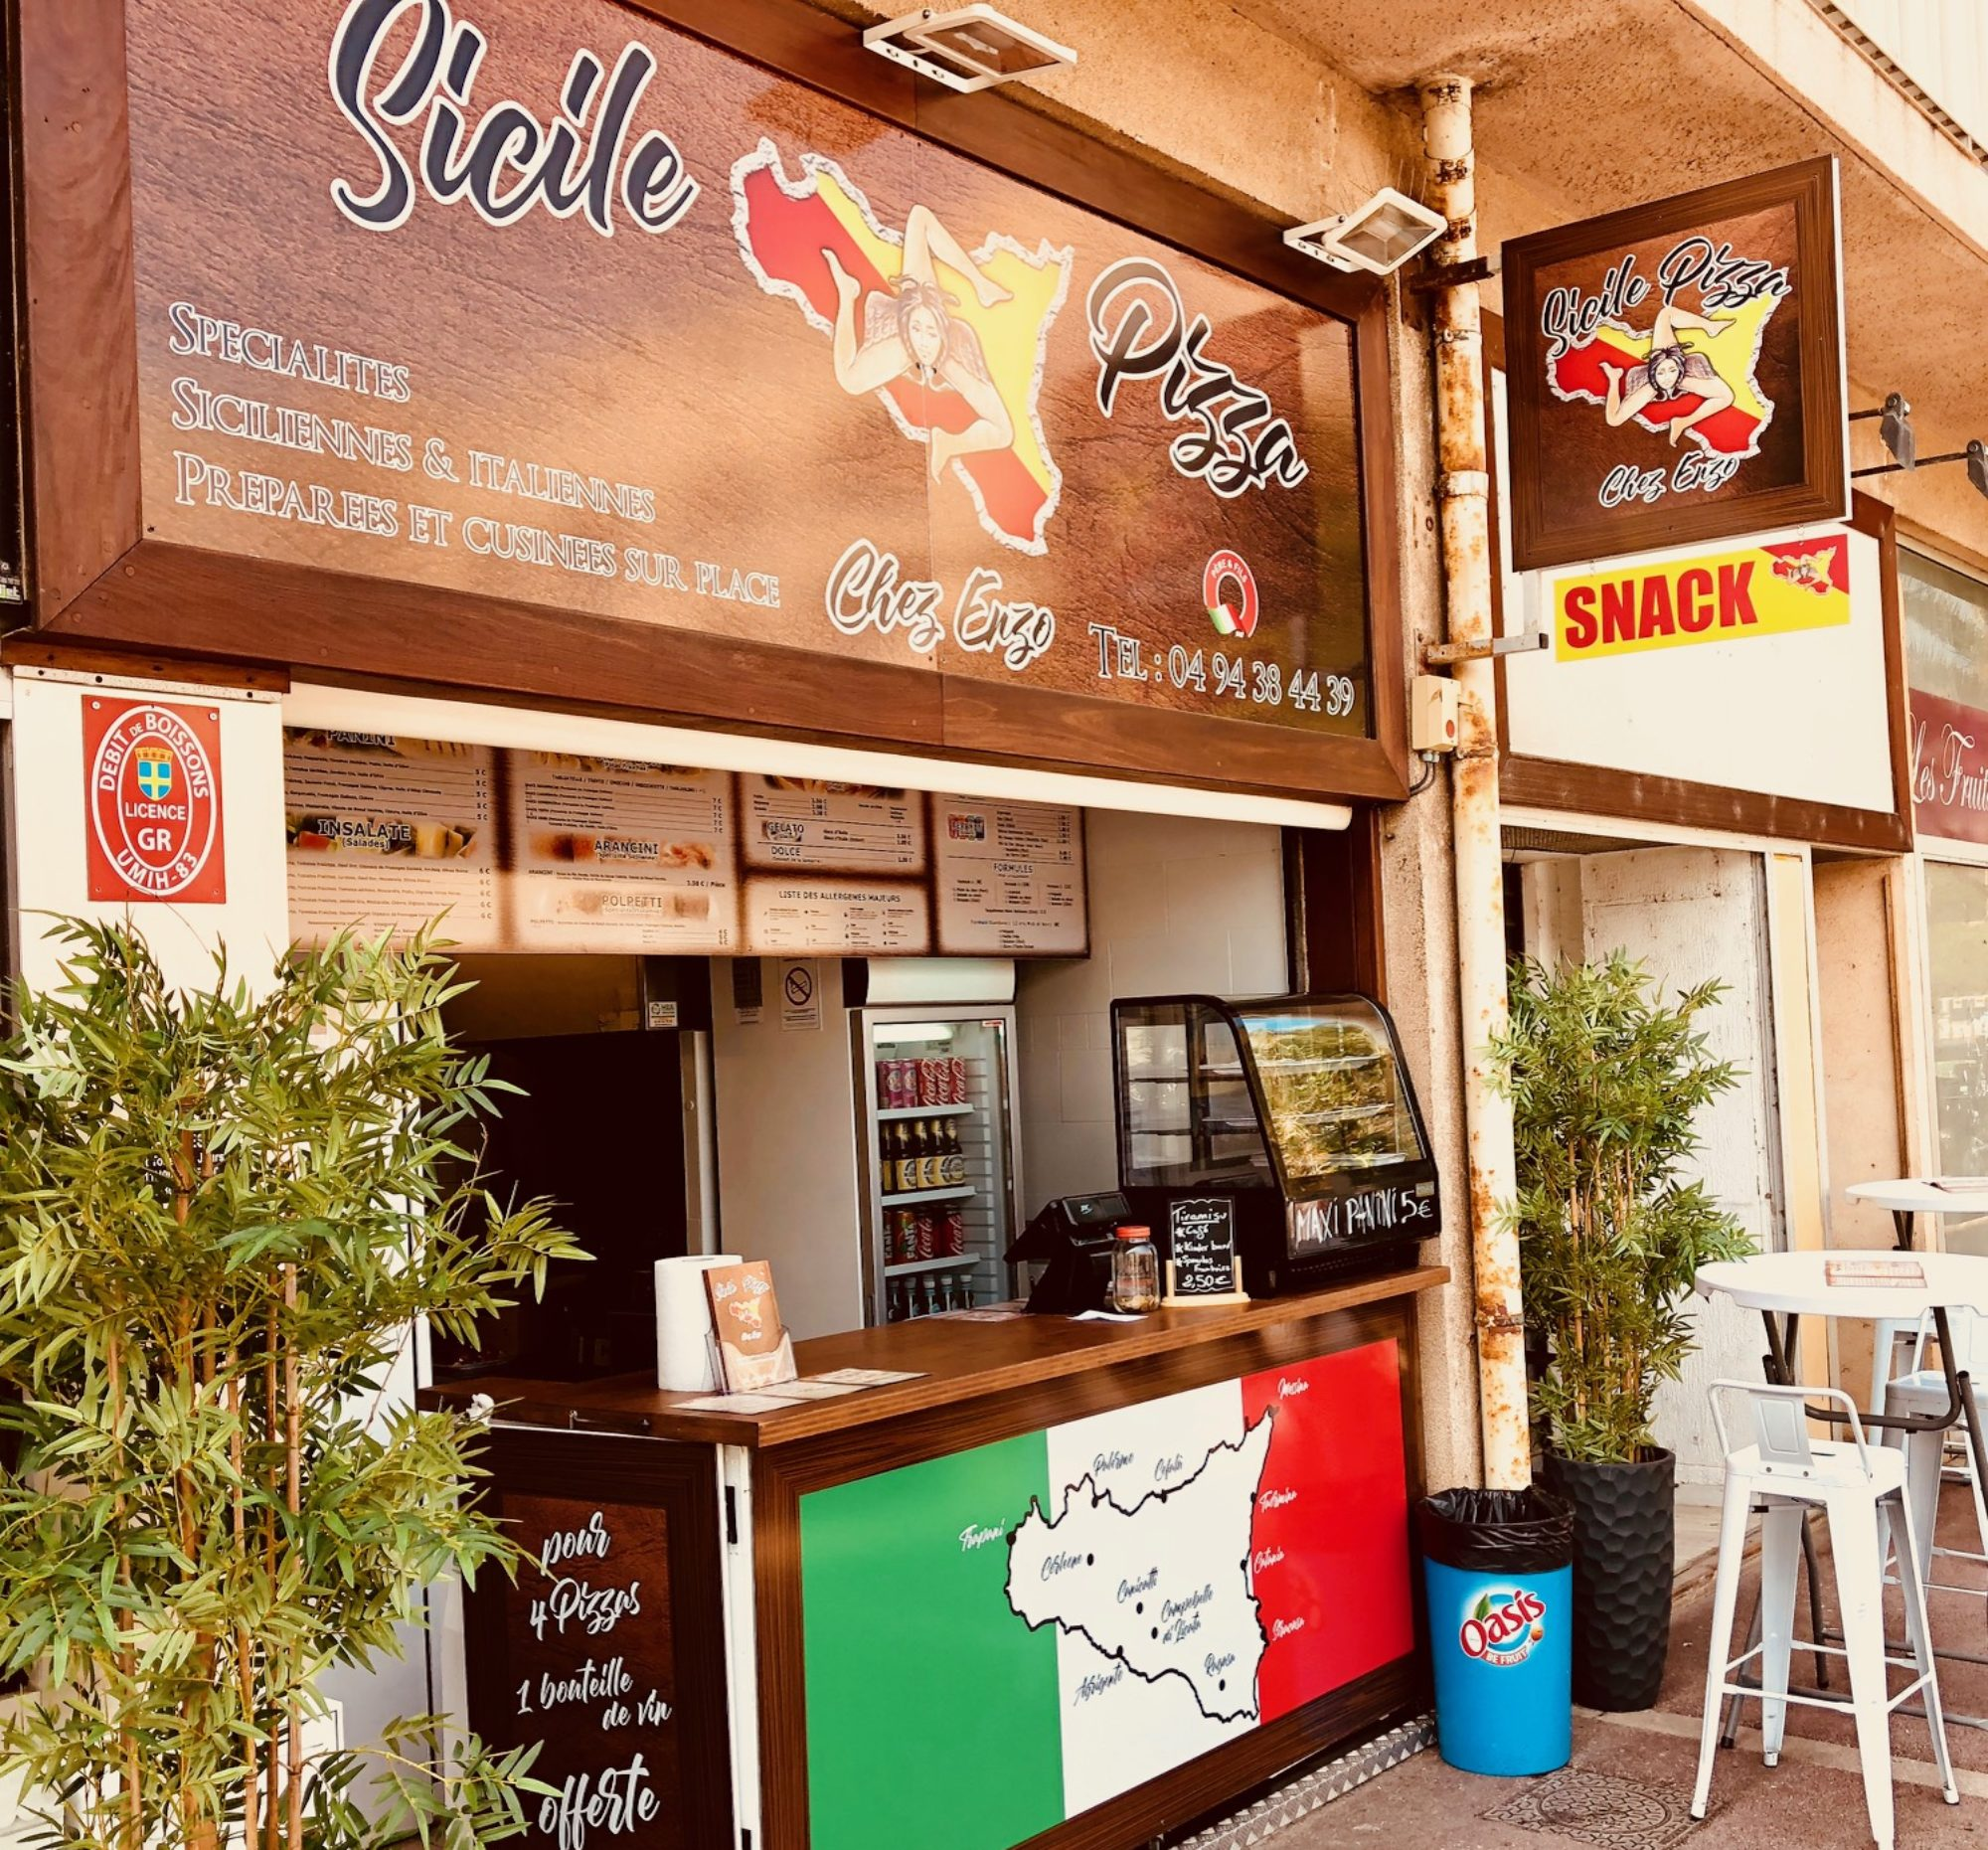 Sicile Pizza - Chez Enzo